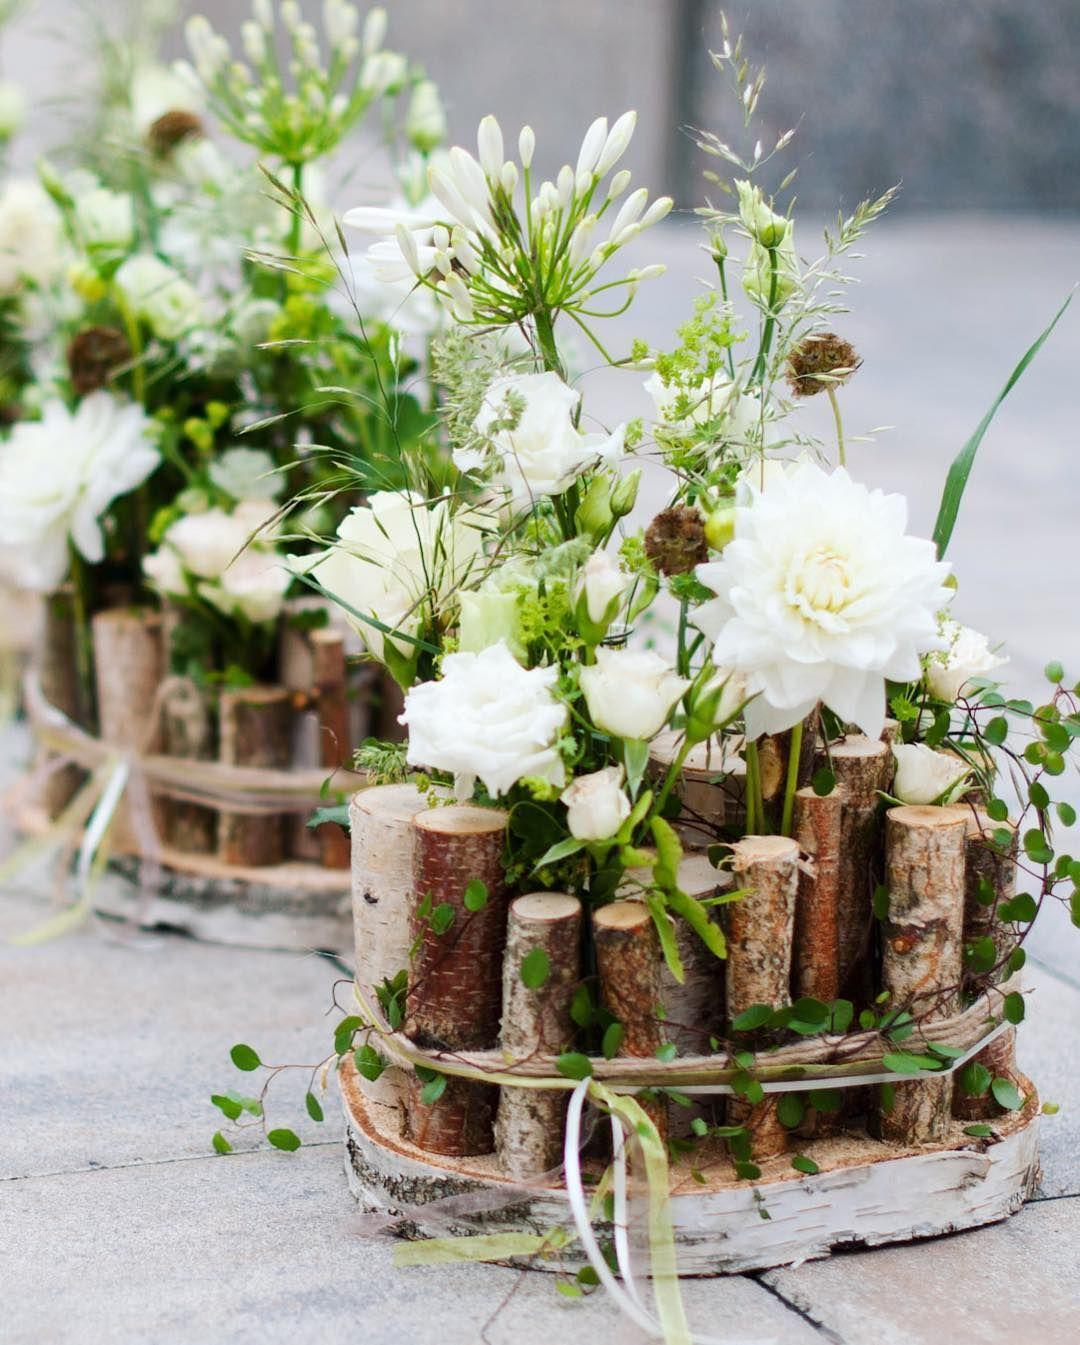 Tischdekoration Rustikal Mit Birke By Blumenheller Hochzeitsfloristik Hochzeitsblumen Tischdekoration Hochzeit Blumen Tischdekoration Hochzeitsfloristik